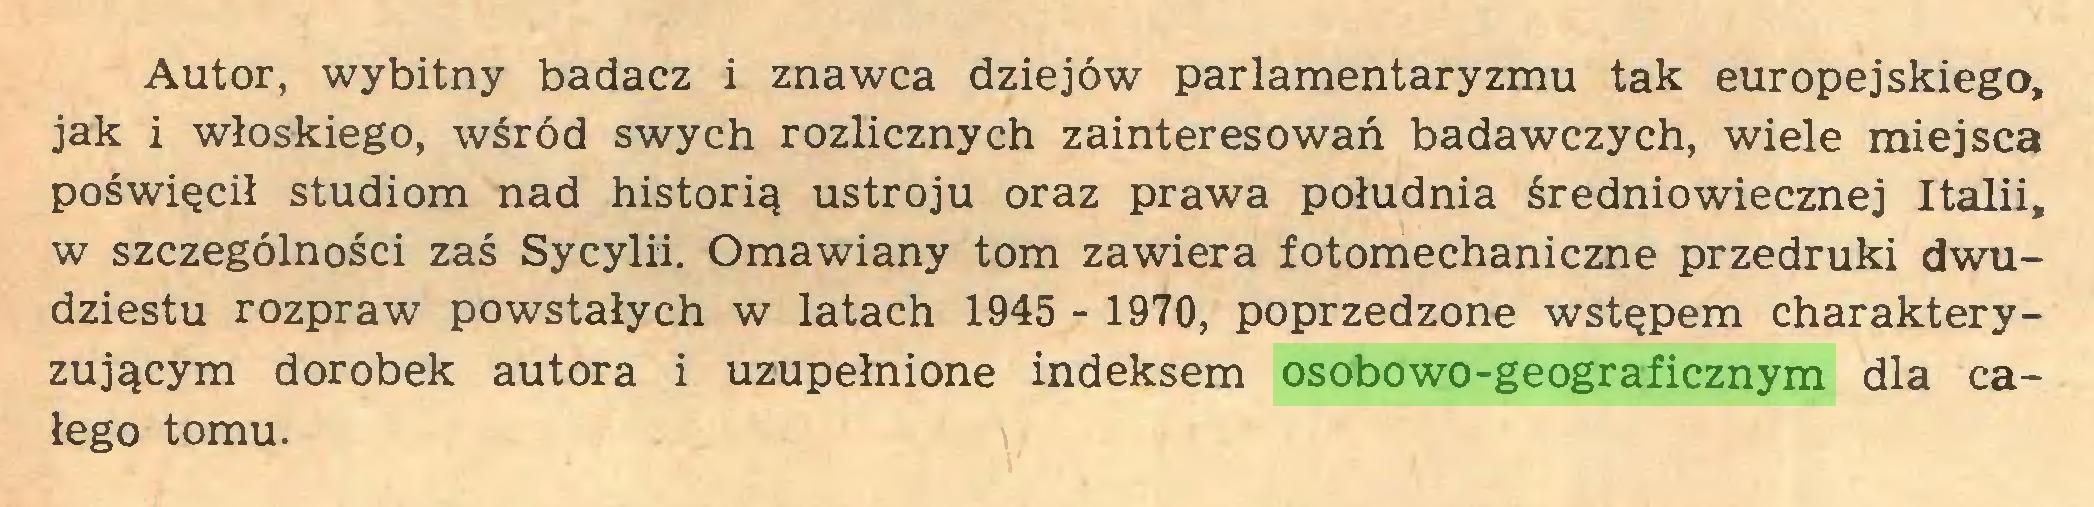 (...) Autor, wybitny badacz i znawca dziejów parlamentaryzmu tak europejskiego, jak i włoskiego, wśród swych rozlicznych zainteresowań badawczych, wiele miejsca poświęcił studiom nad historią ustroju oraz prawa południa średniowiecznej Italii, w szczególności zaś Sycylii. Omawiany tom zawiera fotomechaniczne przedruki dwudziestu rozpraw powstałych w latach 1945 - 1970, poprzedzone wstępem charakteryzującym dorobek autora i uzupełnione indeksem osobowo-geograficznym dla całego tomu...